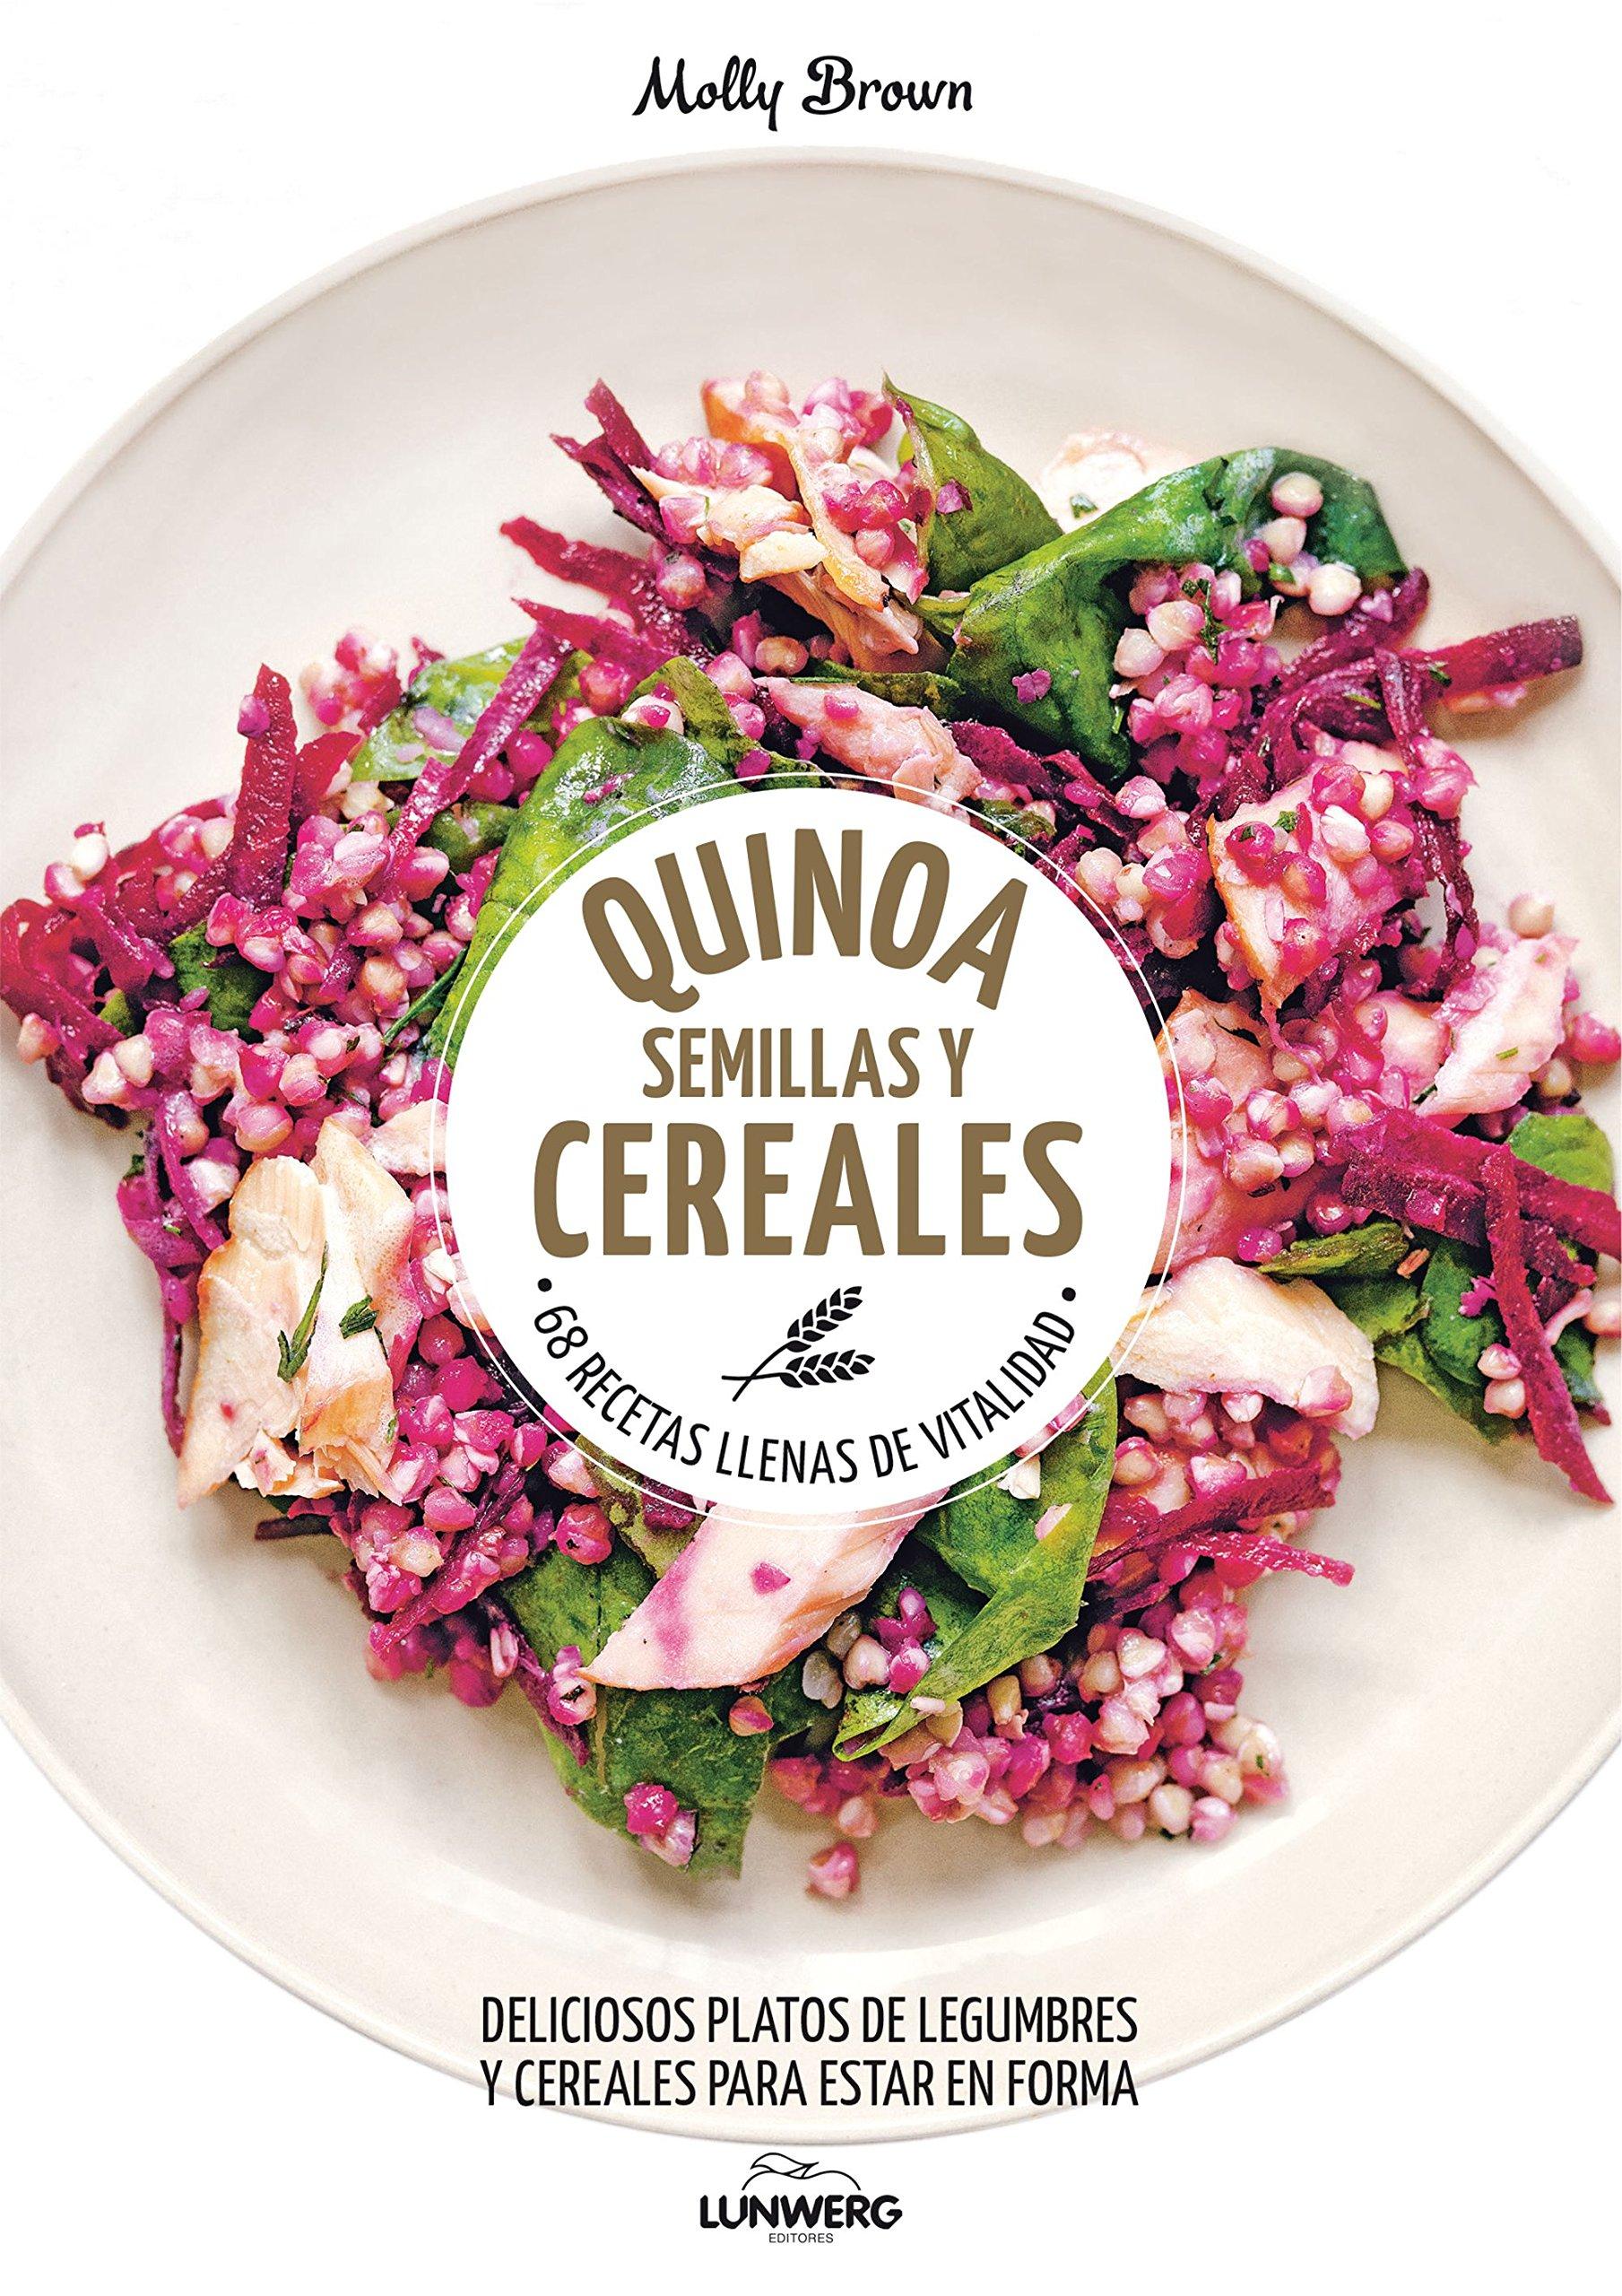 Quinoa, semillas y cereales: 68 recetas llenas de vitalidad Come ...